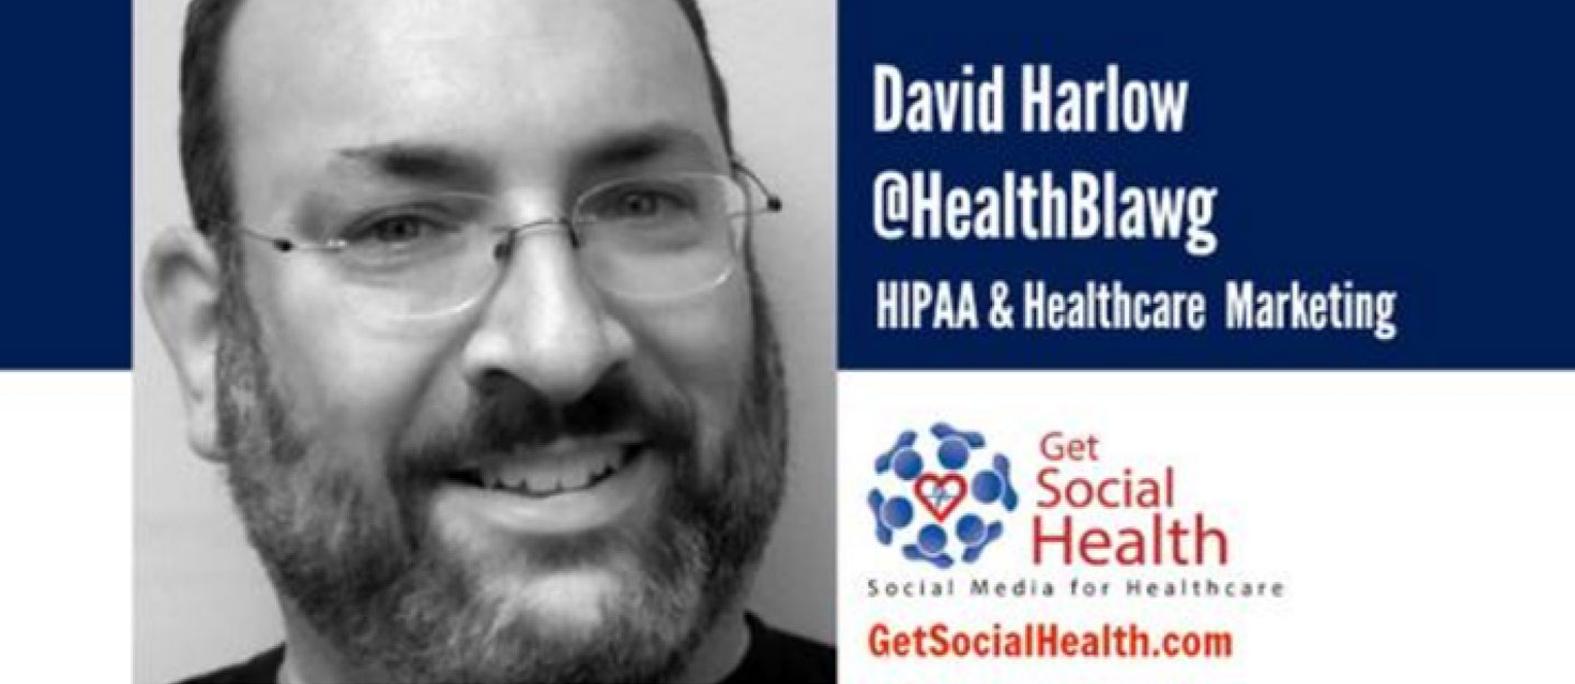 David Harlow aka @healthblawg on #hcsm and #hipaa